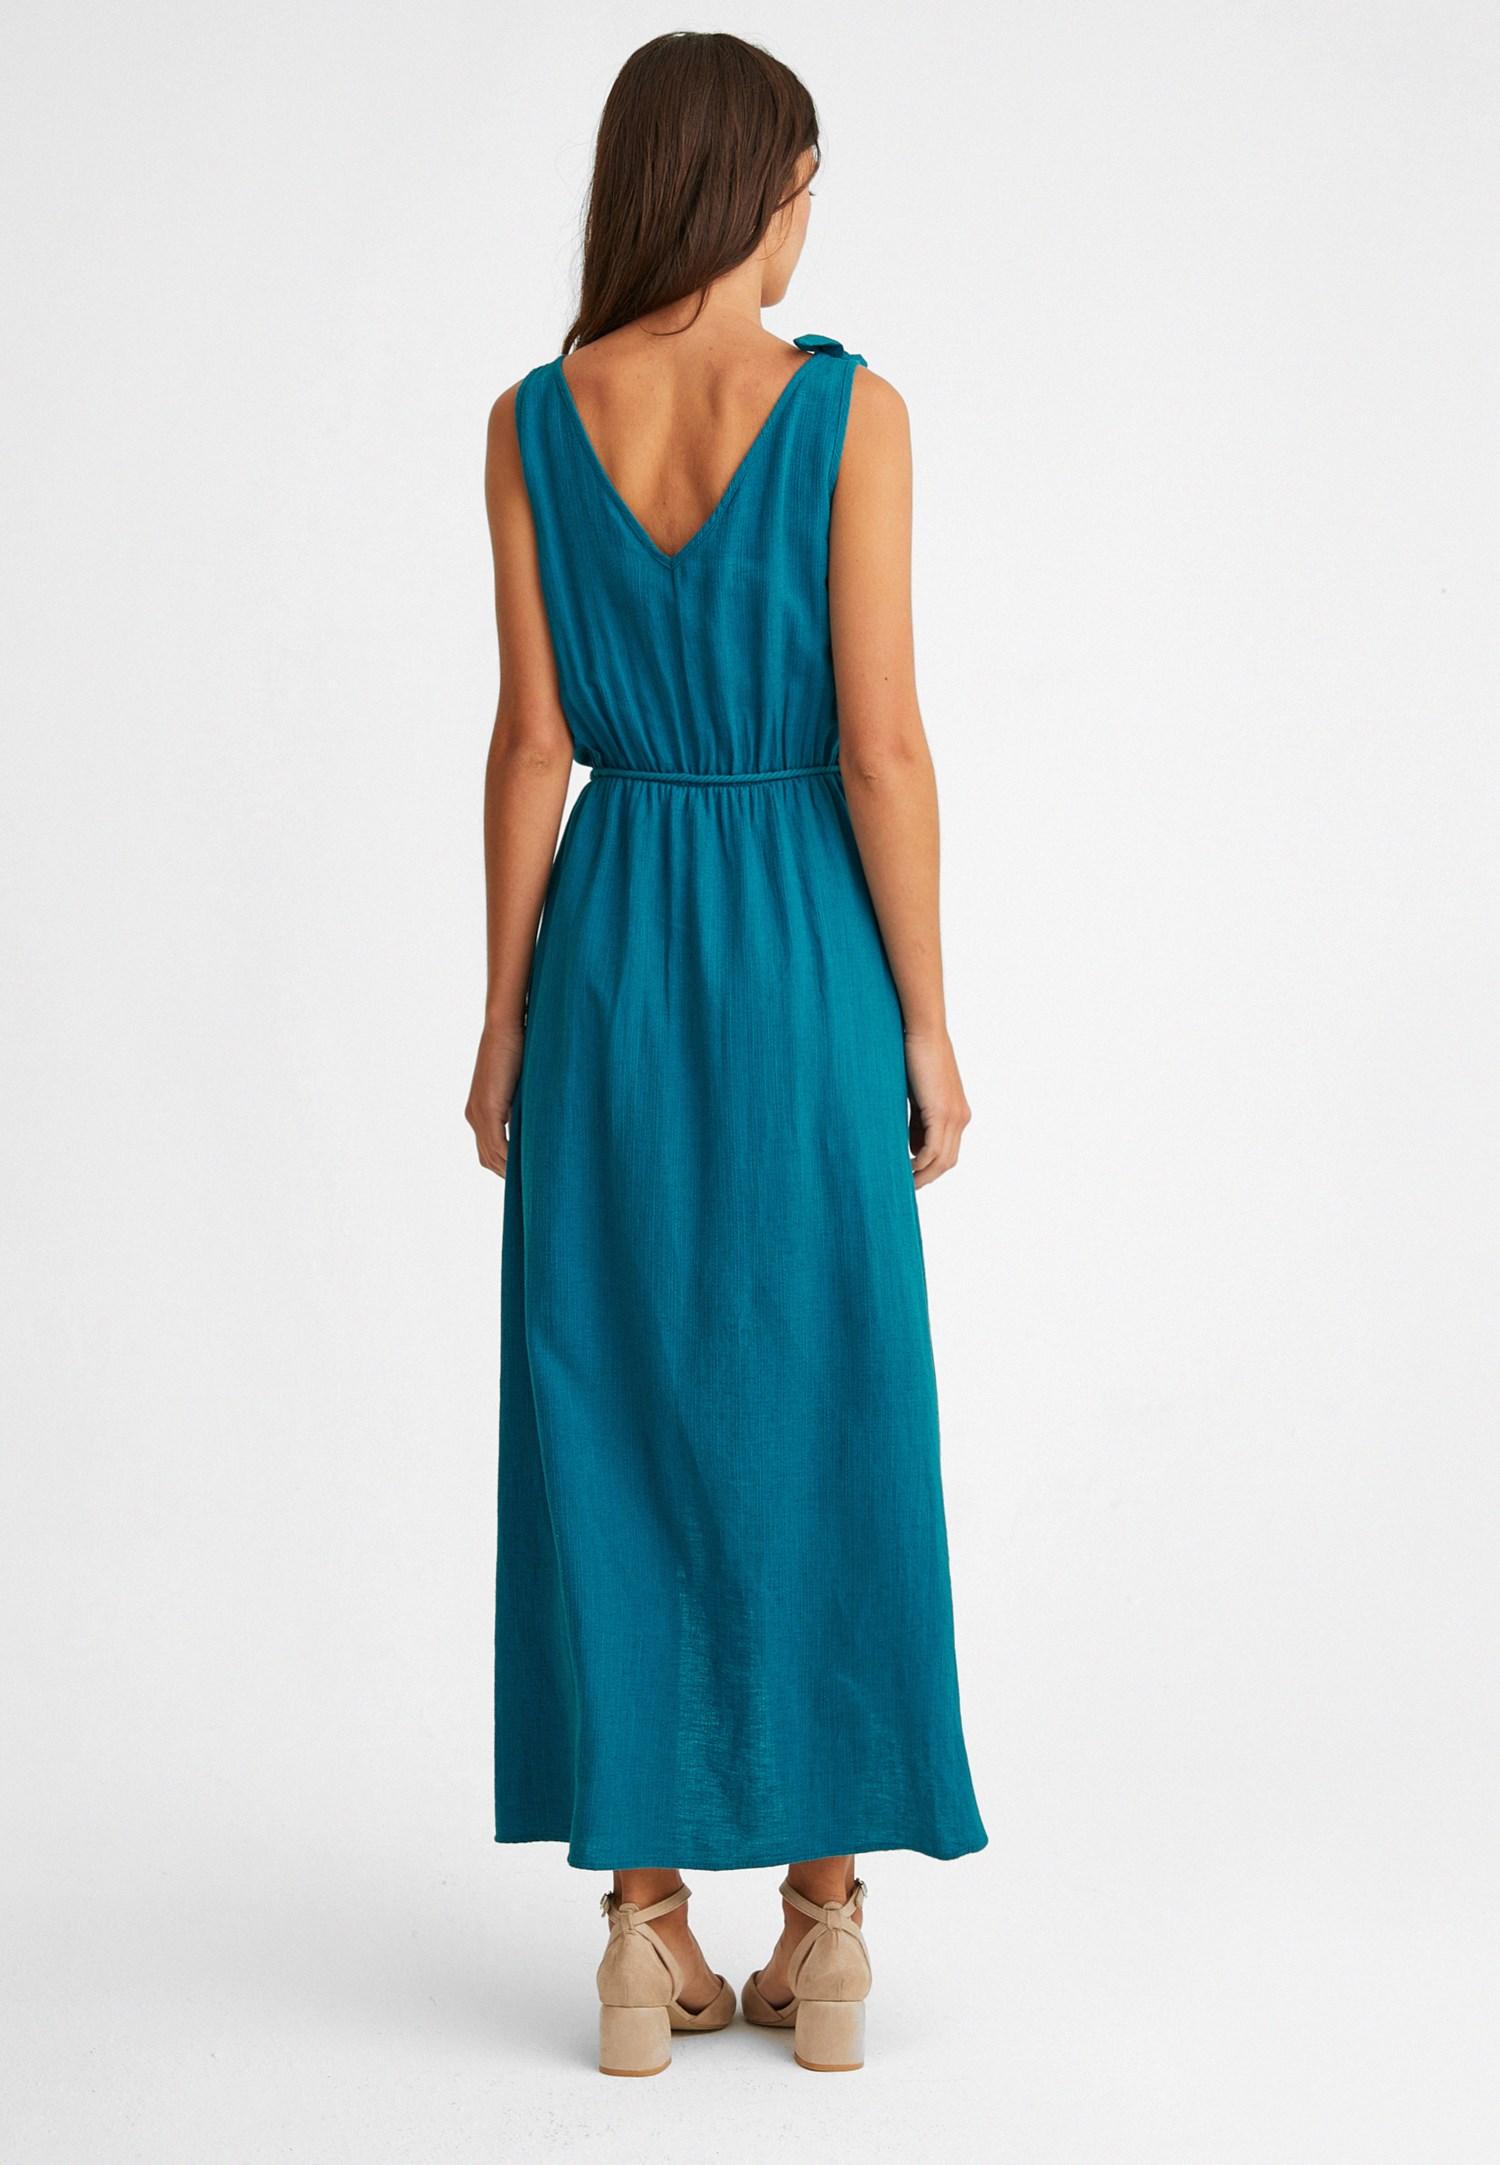 263637bbcc094 Mavi Bağlama Detaylı Şort Elbise Online Alışveriş 19YOX-KENSHORTEL ...